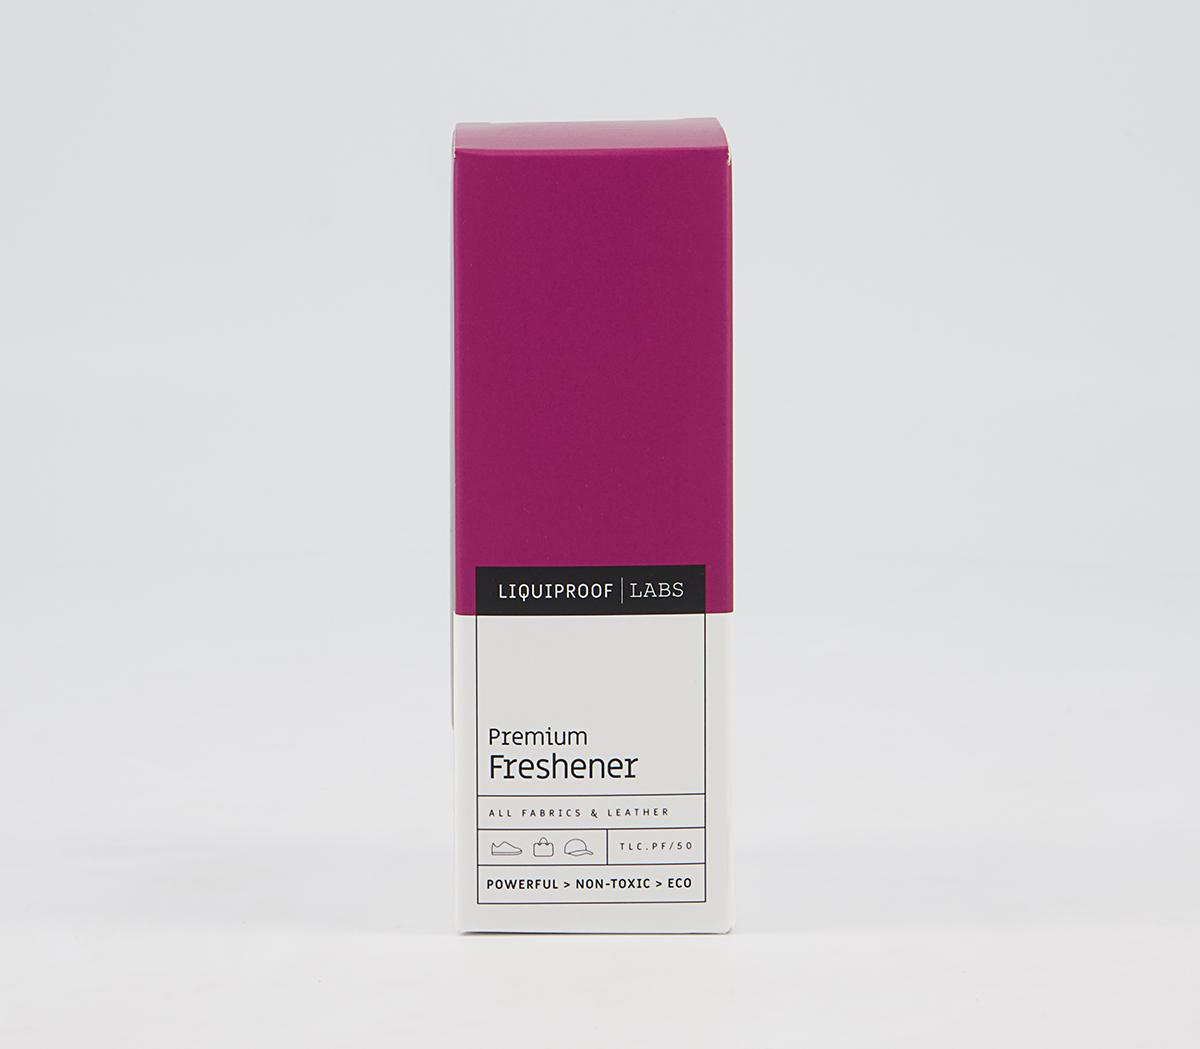 Liquiproof Premium Freshener 50ml